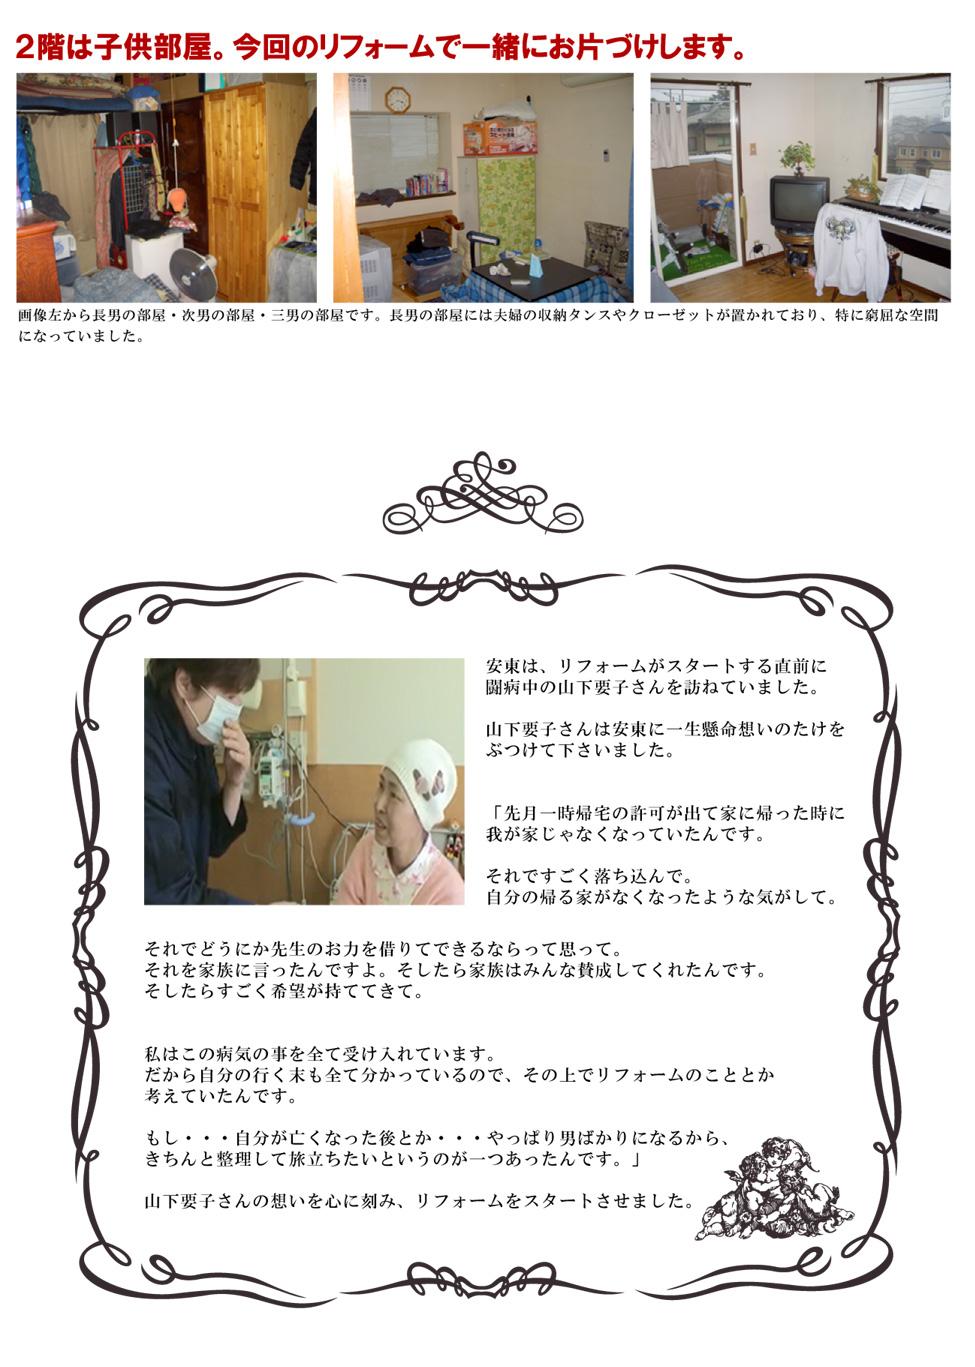 2階は子供部屋。今回のリフォームで一緒にお片づけします。画像左から長男の部屋・次男の部屋・三男の部屋です。長男の部屋には夫婦の収納タンスやクローゼットが置かれており、特に窮屈な空間になっていました。安東は、リフォームがスタートする直前に闘病中の山下要子さんを訪ねていました。山下要子さんは安東に一生懸命想いのたけをぶつけて下さいました。「先月一時帰宅の許可が出て家に帰った時に我が家じゃなくなっていたんです。それですごく落ち込んで。自分の帰る家がなくなったような気がして。それでどうにか先生のお力を借りてできるならって思って。それを家族に言ったんですよ。そしたら家族はみんな賛成してくれたんです。そしたらすごく希望が持ててきて。私はこの病気の事を全て受け入れています。だから自分の行く末も全て分かっているので、その上でリフォームのこととか考えていたんです。もし・・・自分が亡くなった後とか・・・やっぱり男ばかりになるから、きちんと整理して旅立ちたいというのが一つあったんです。」山下要子さんの想いを心に刻み、リフォームをスタートさせました。